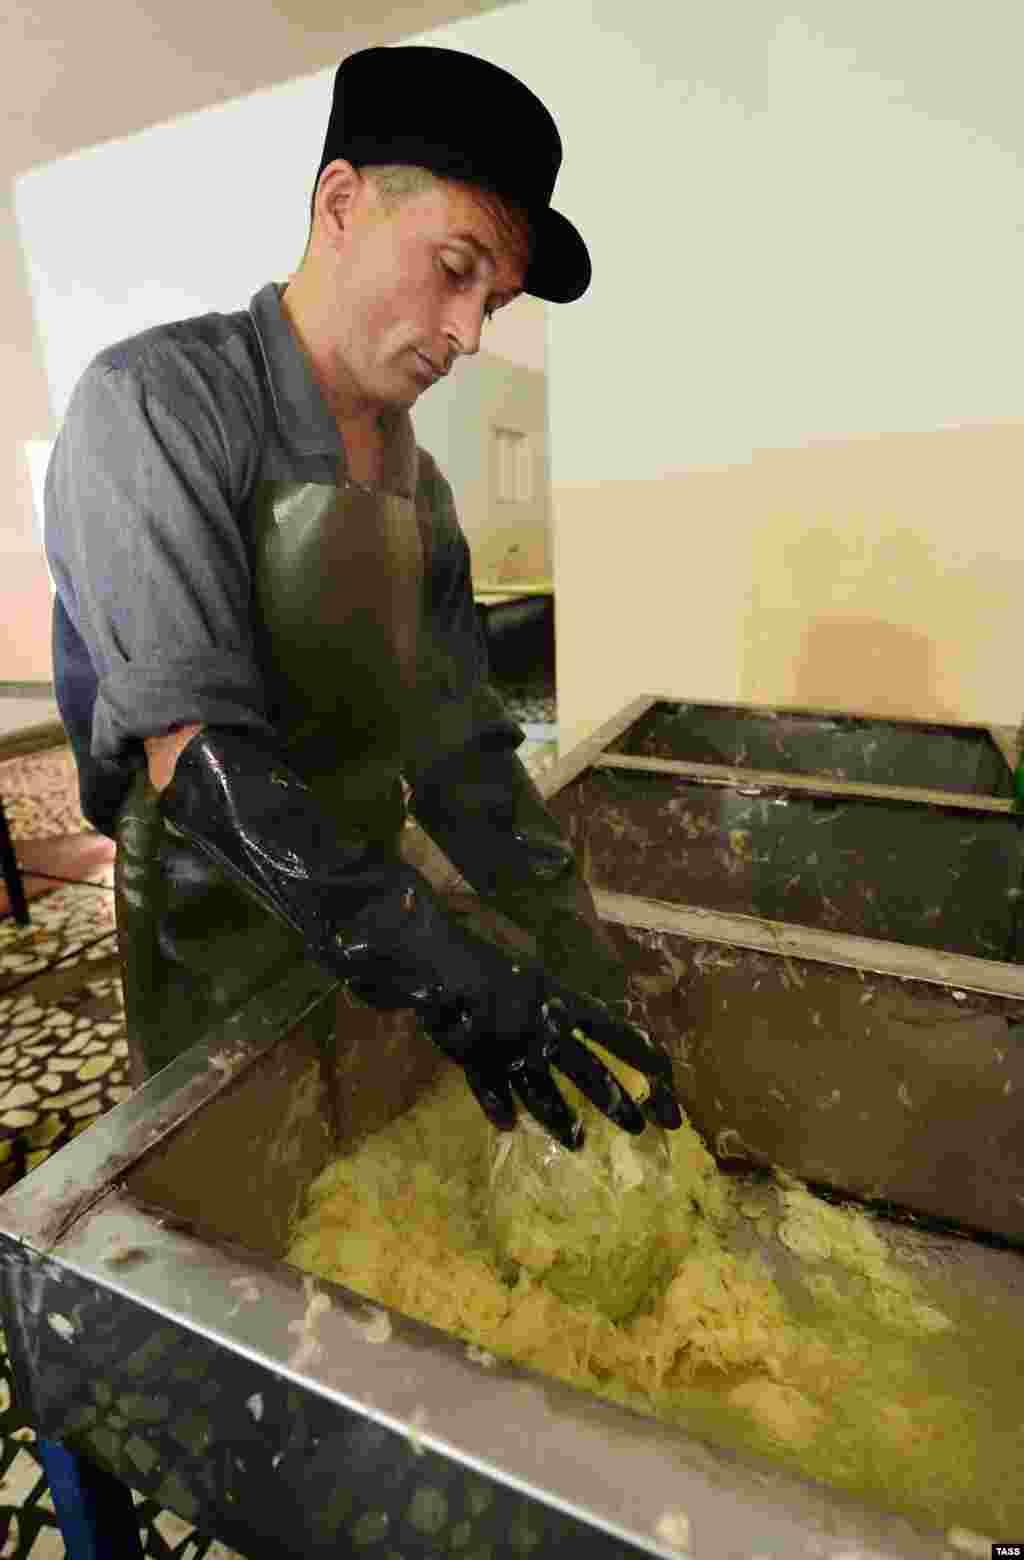 Усердно трудясь на заводе, заключенные могут выйти на свободу досрочно